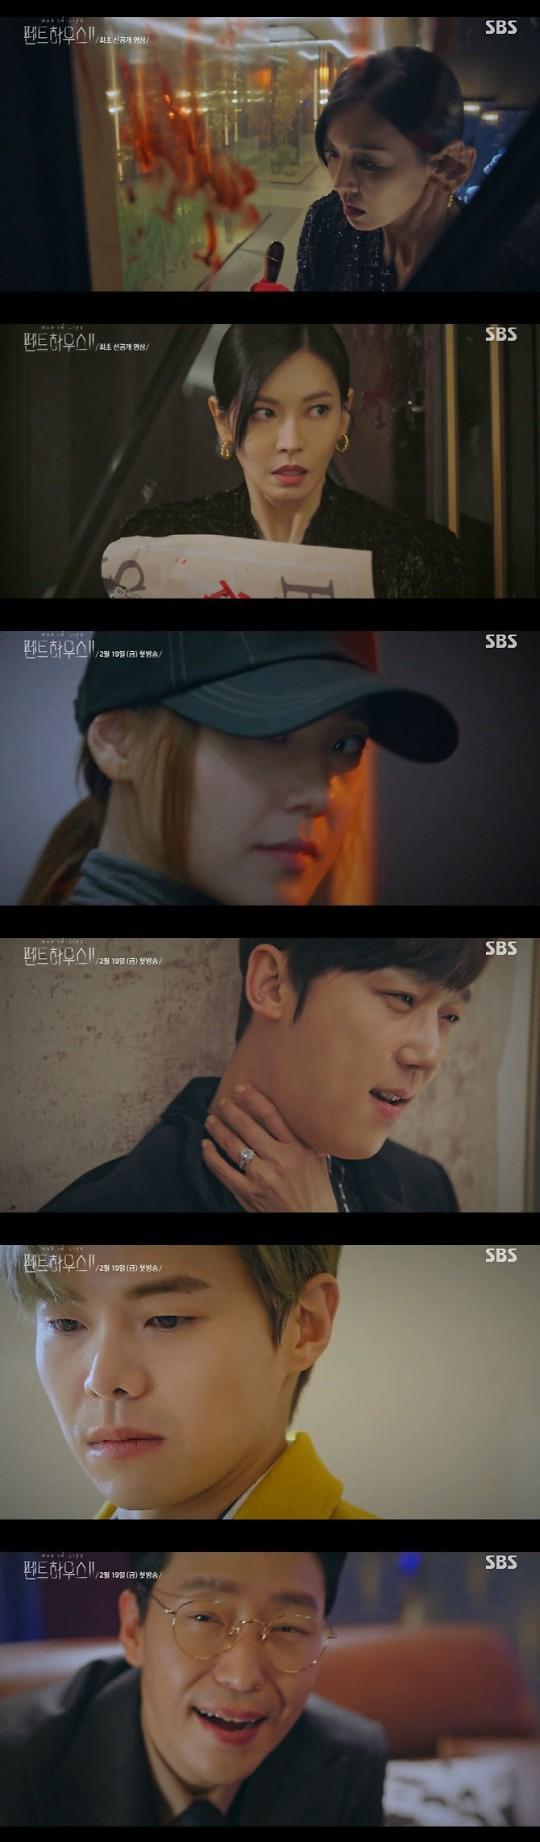 [최고의 1분] 펜트하우스 시즌2 오윤희 살아오나?···비하인드 예고편 대방출